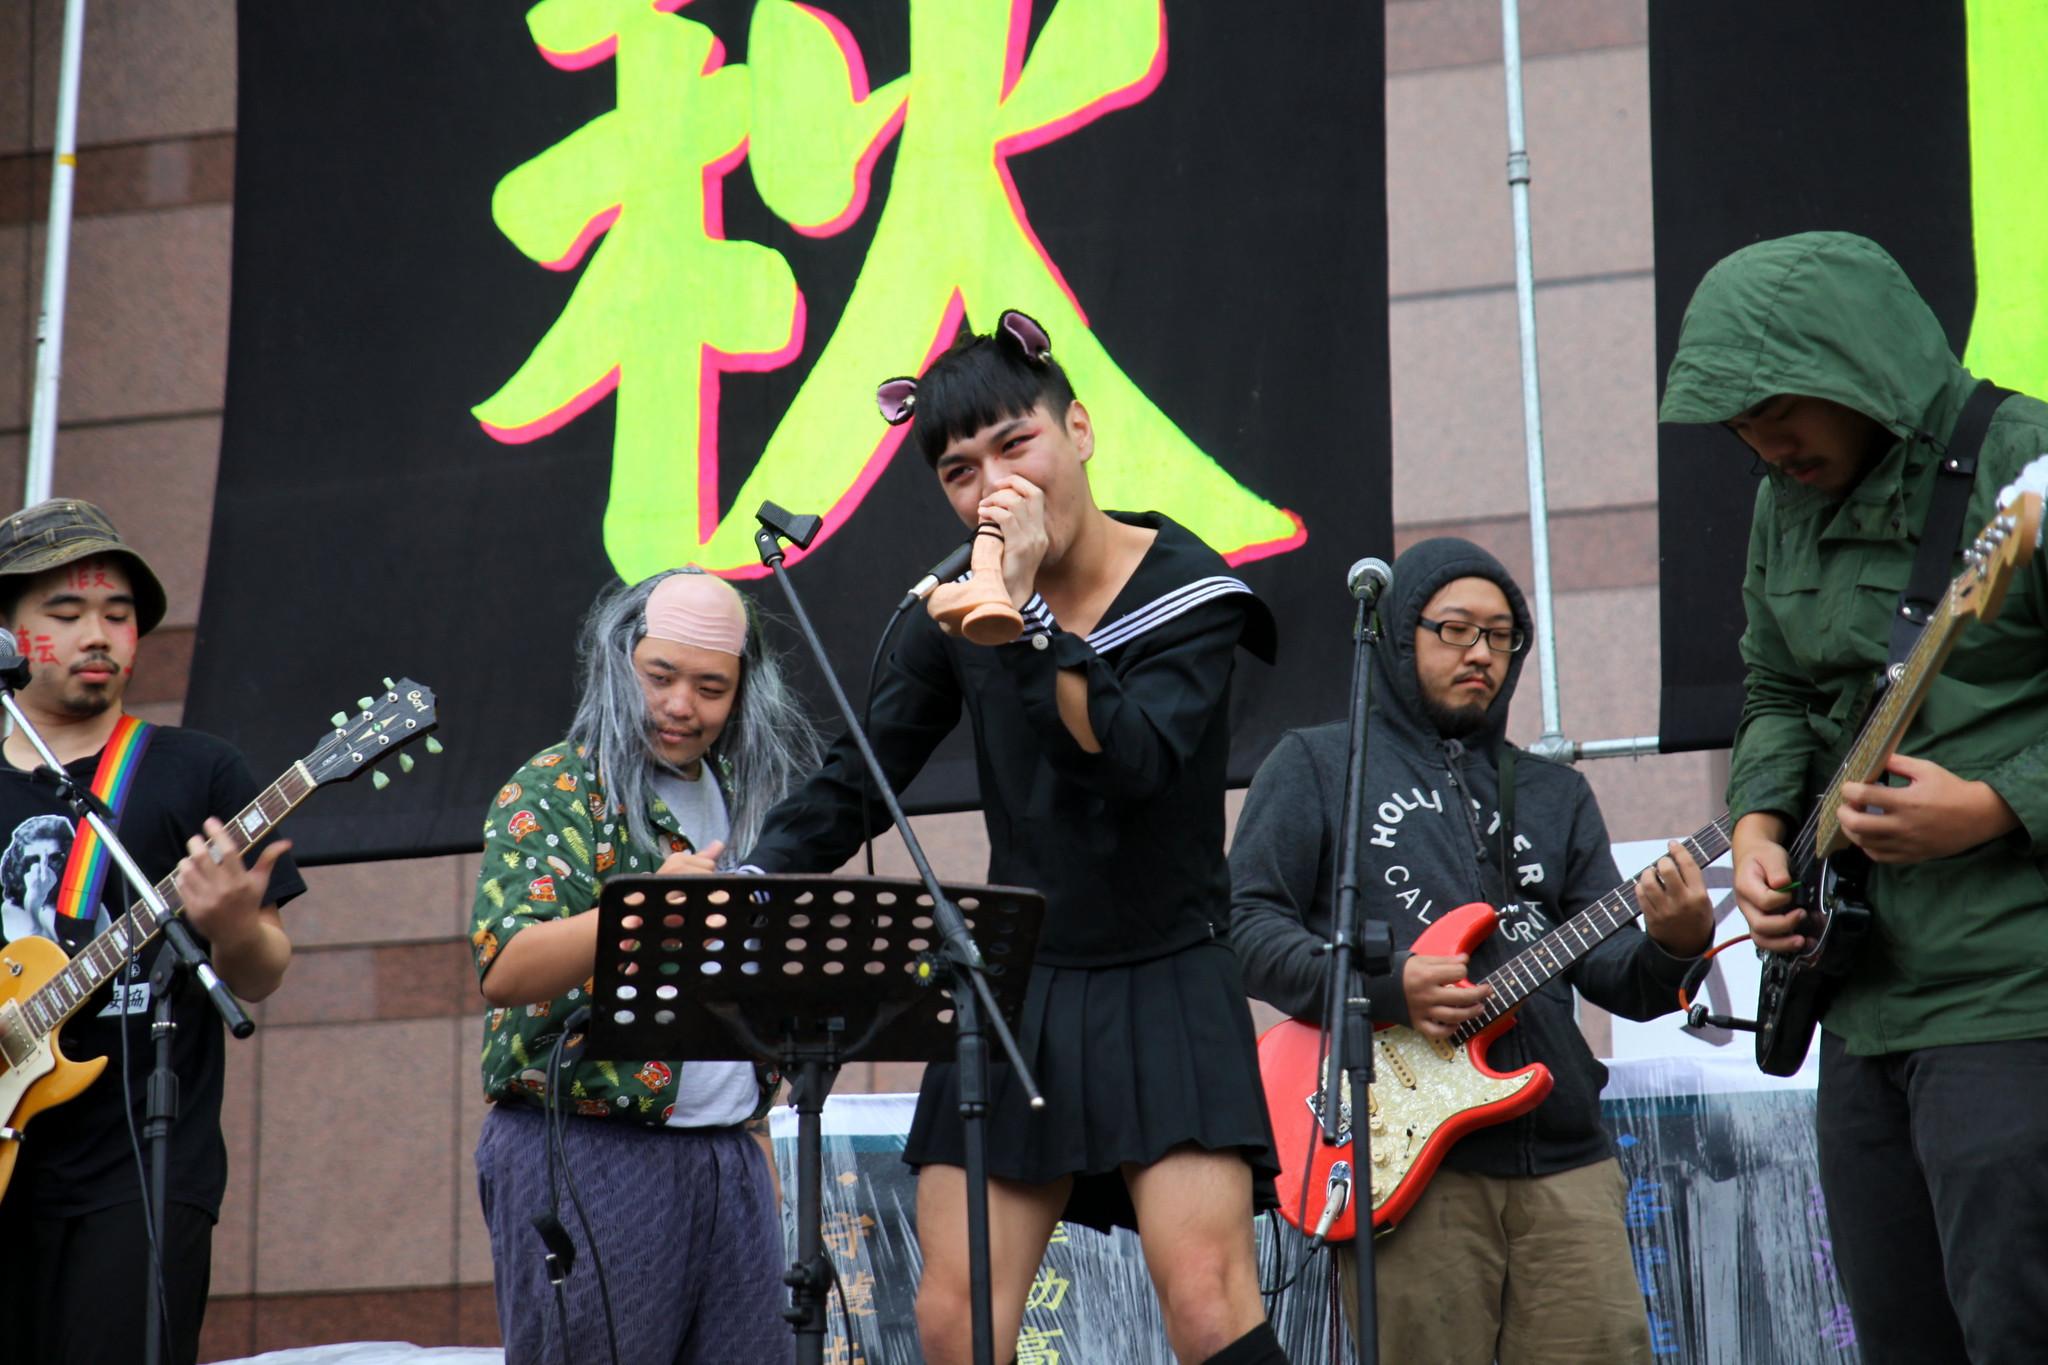 「樹懶教會我的事」的音樂表演。(攝影:陳逸婷)